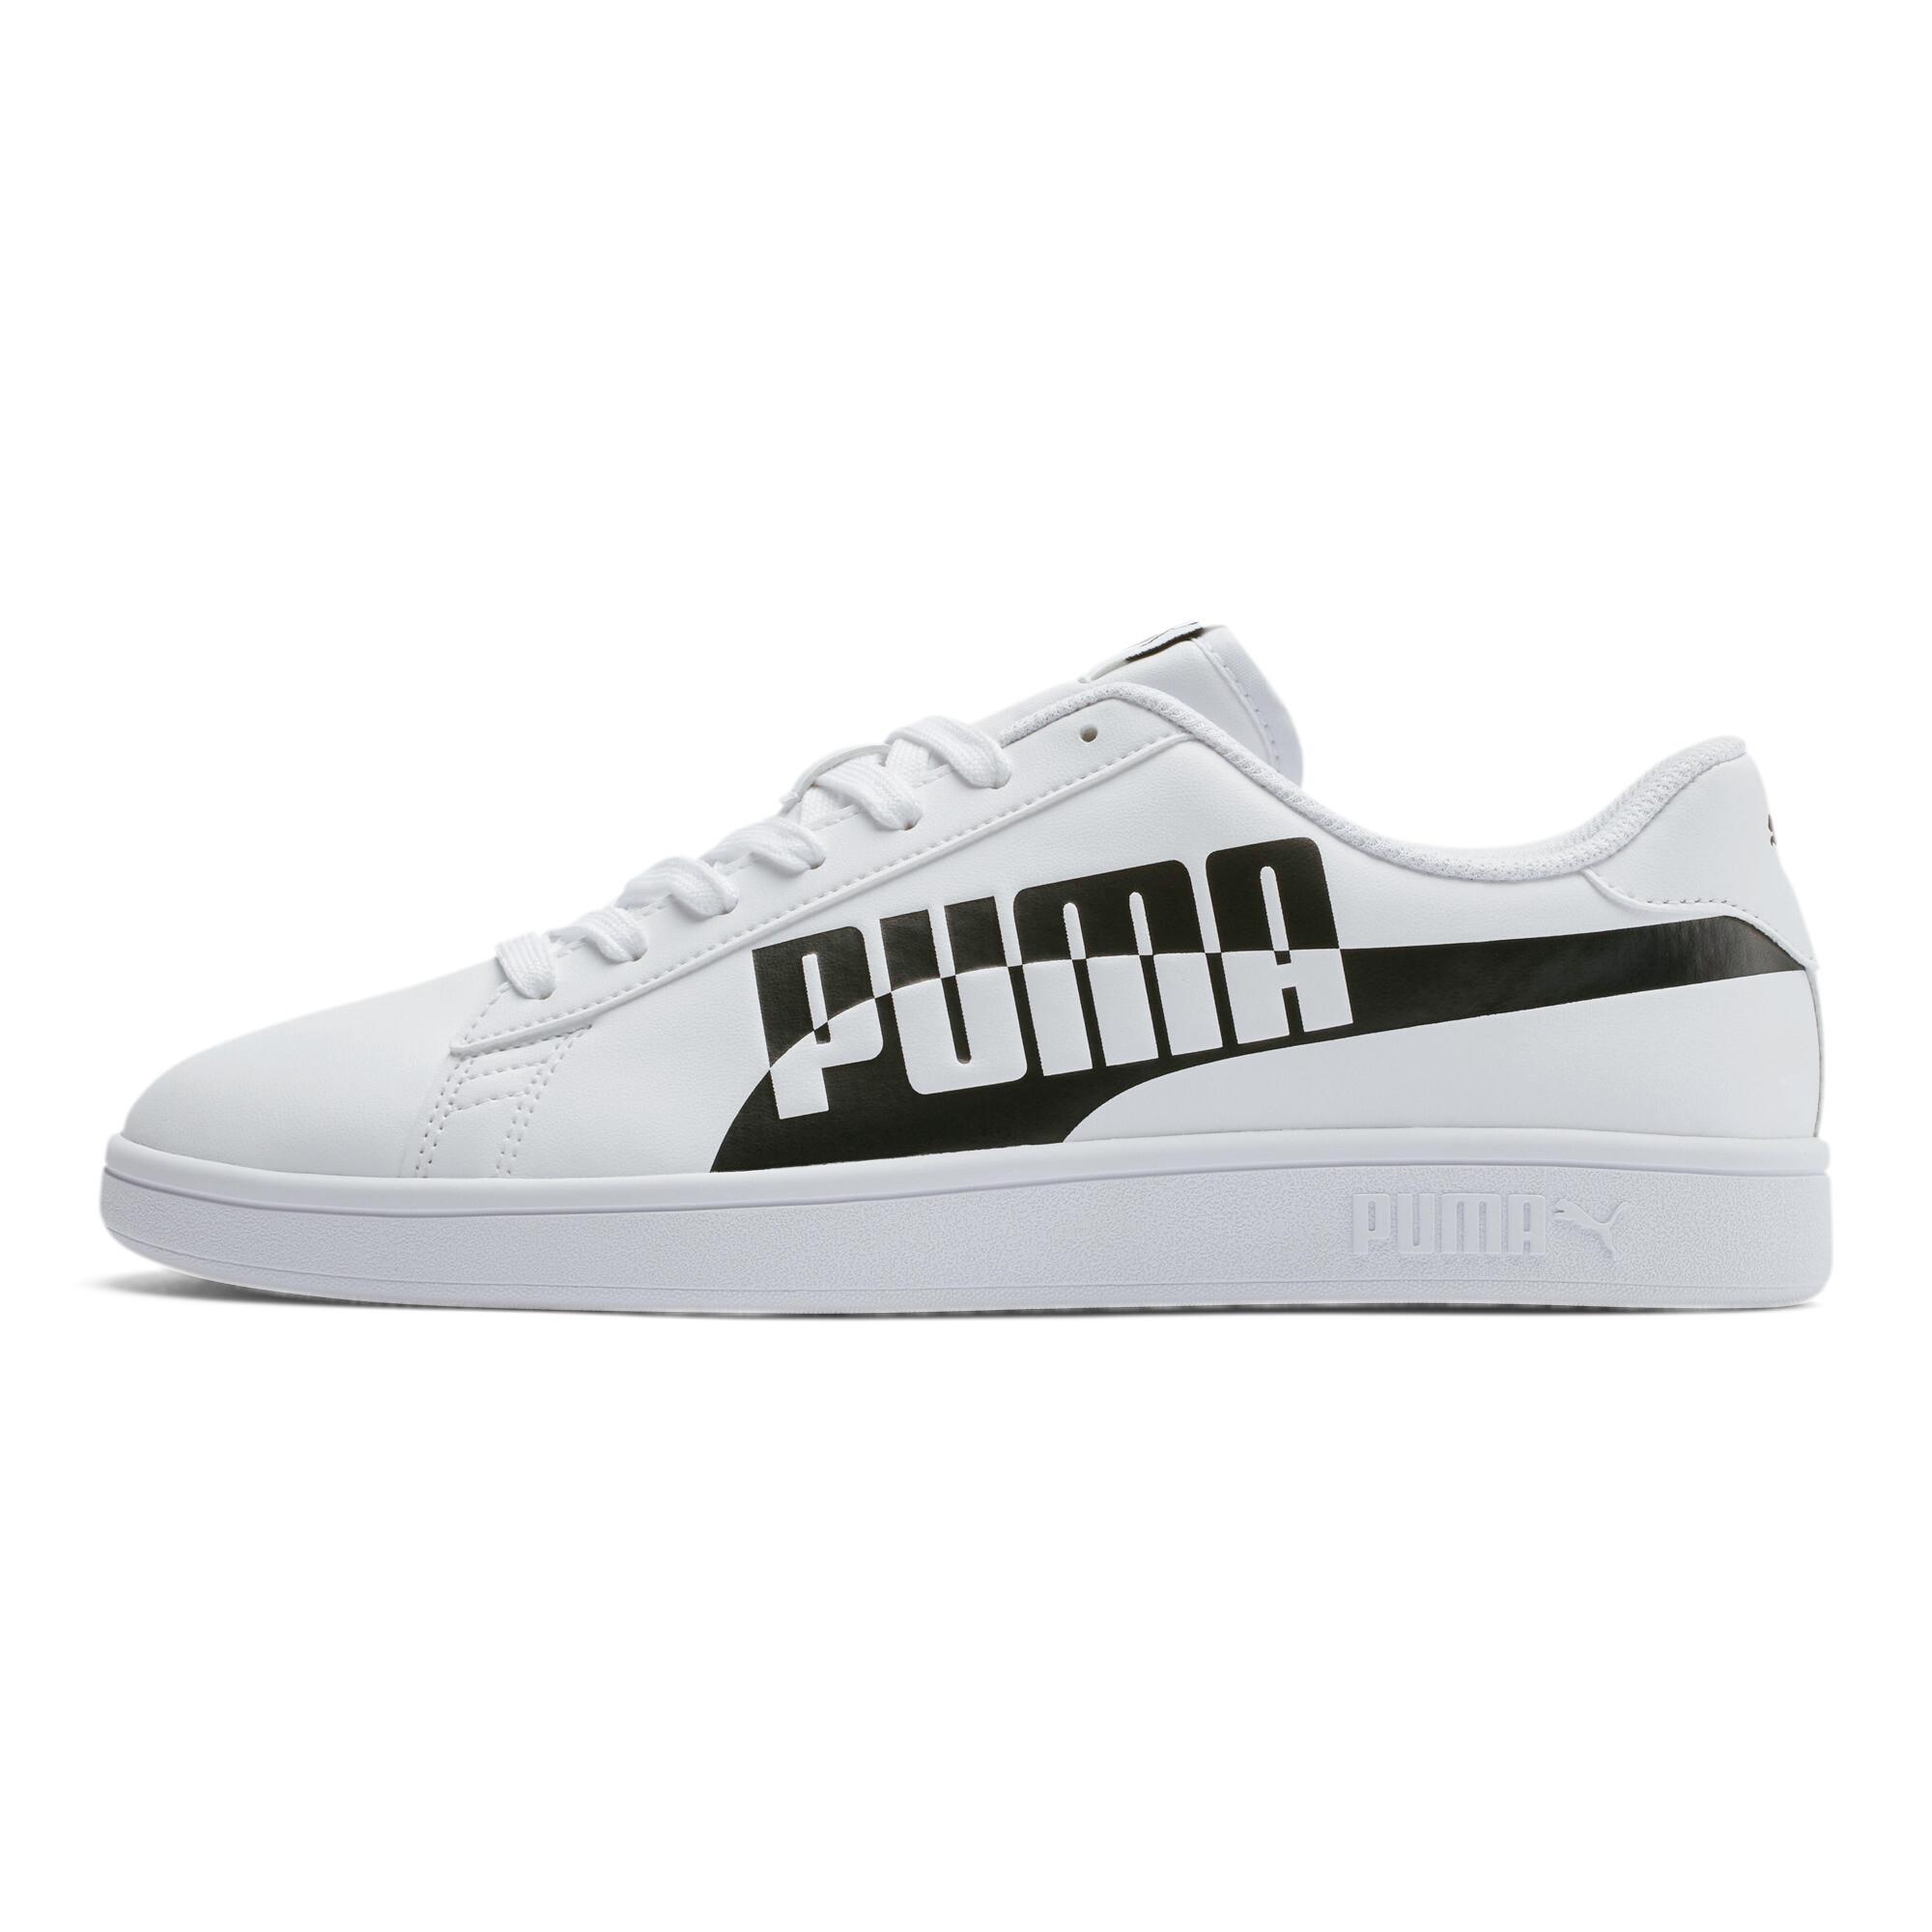 PUMA-PUMA-Smash-v2-Max-Sneakers-Men-Shoe-Basics thumbnail 14